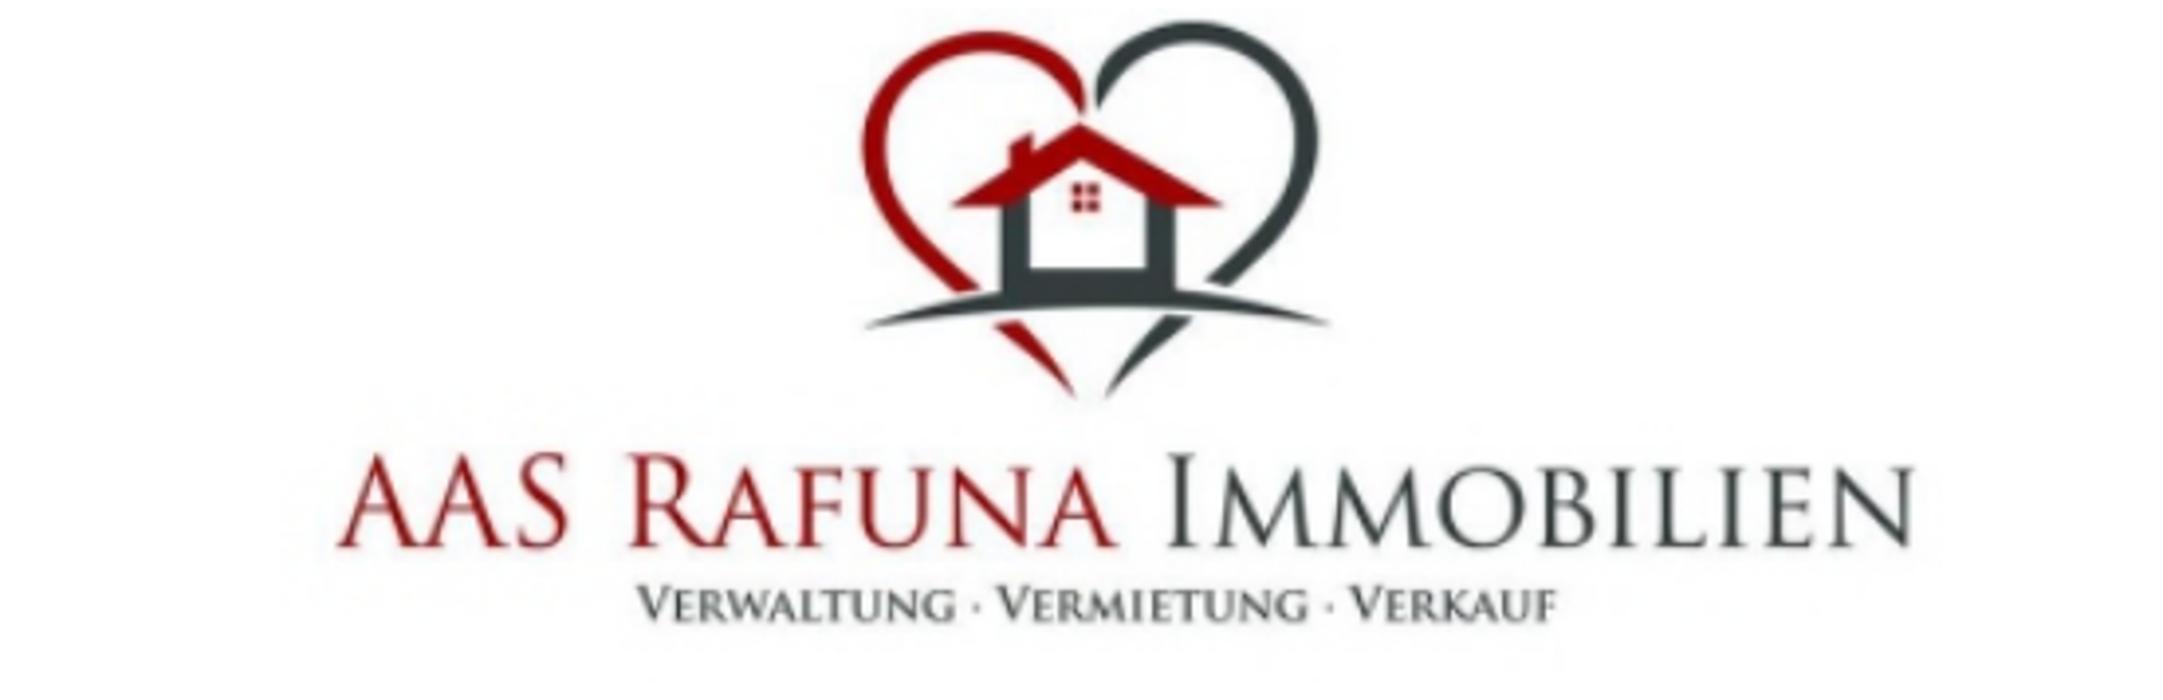 Bild zu AAS Rafuna Immobilien in Frechen